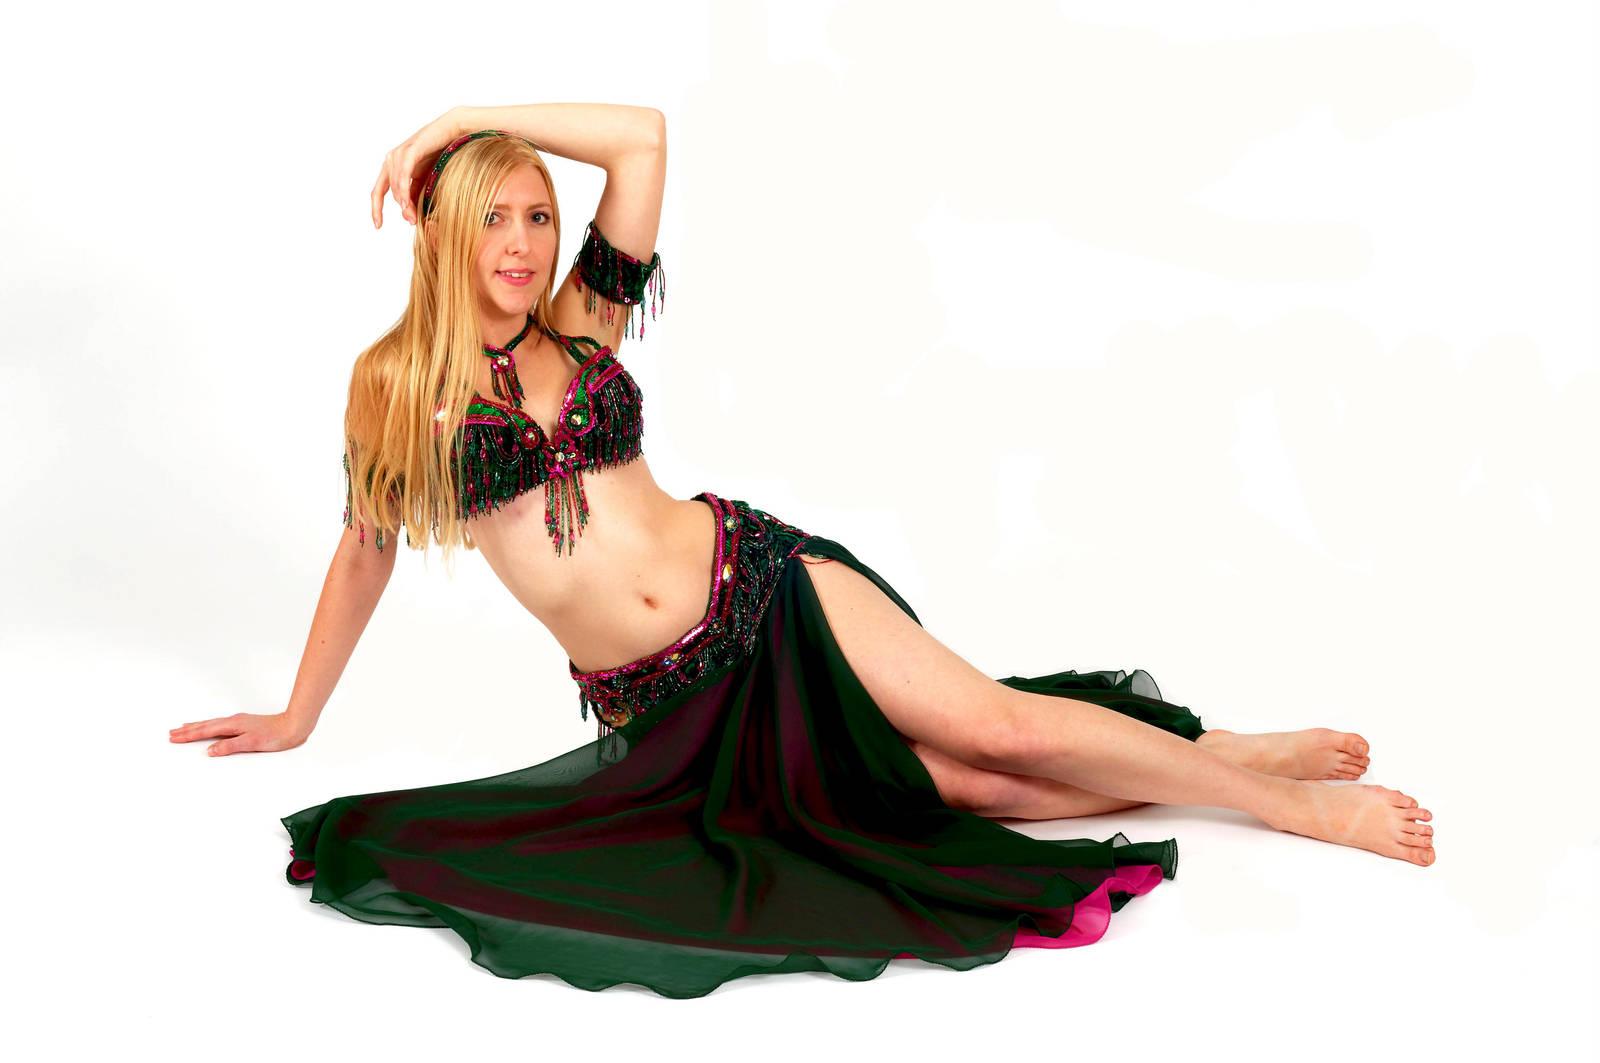 Danika-Stock's Profile Picture